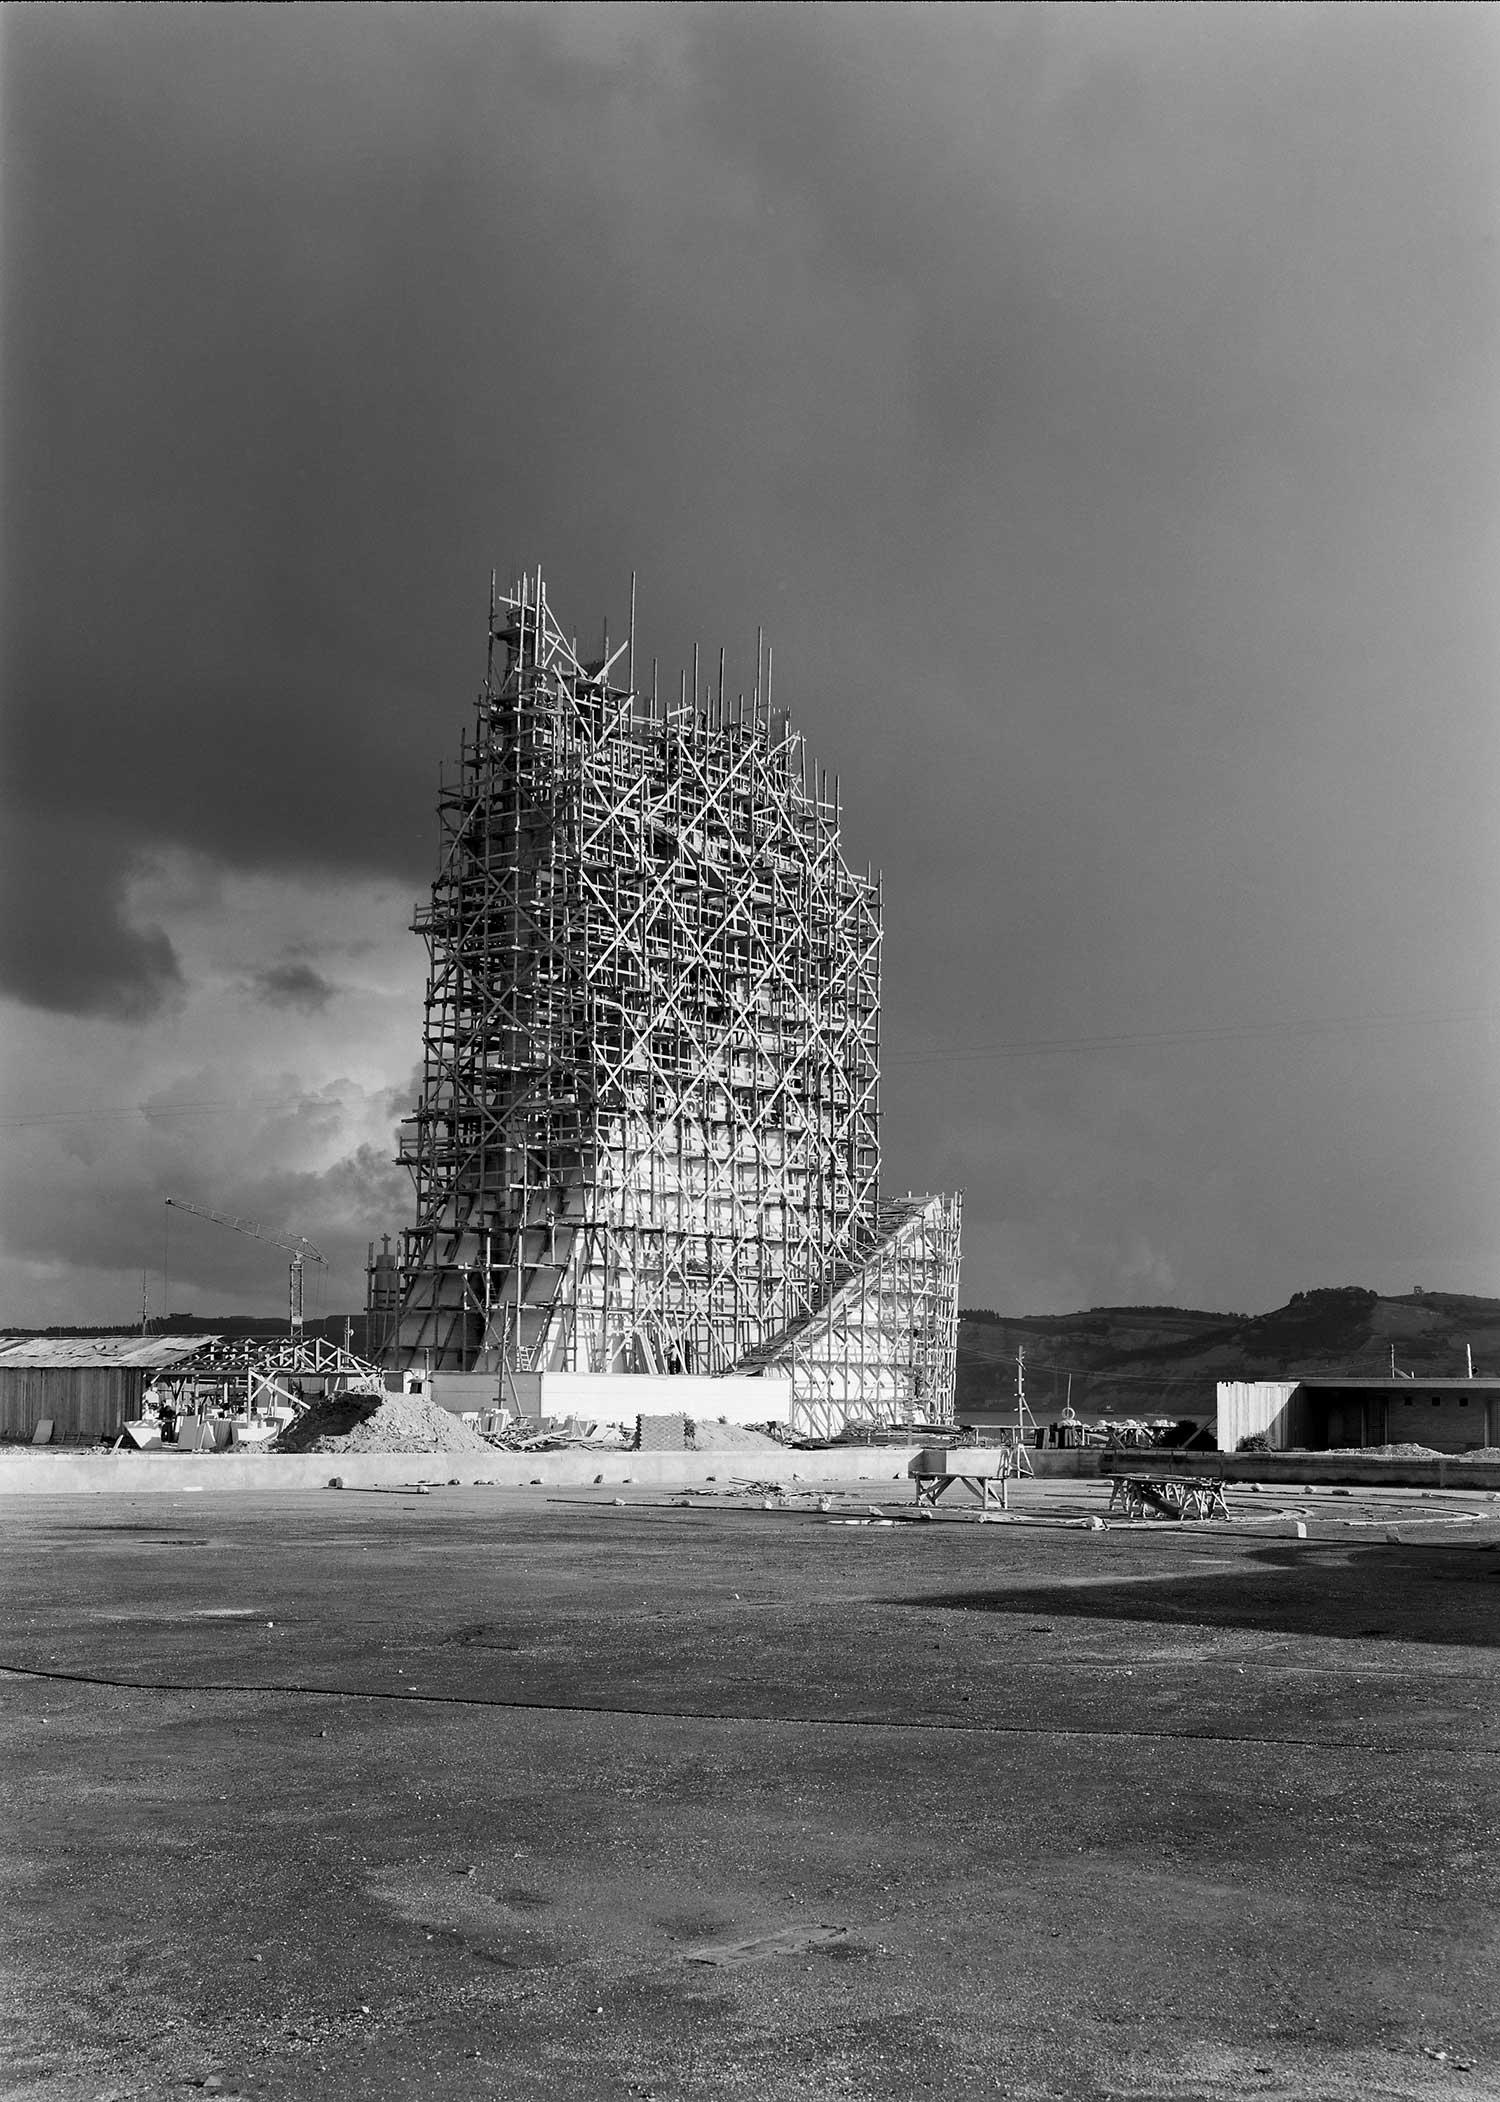 BUILDING THE MONUMENT TO THE DISCOVERIES  Photo: Horácio Novais, ca. 1938-1939, Lisbon  Biblioteca de Arte da Fundação Calouste Gulbenkian [CFT164_044087]